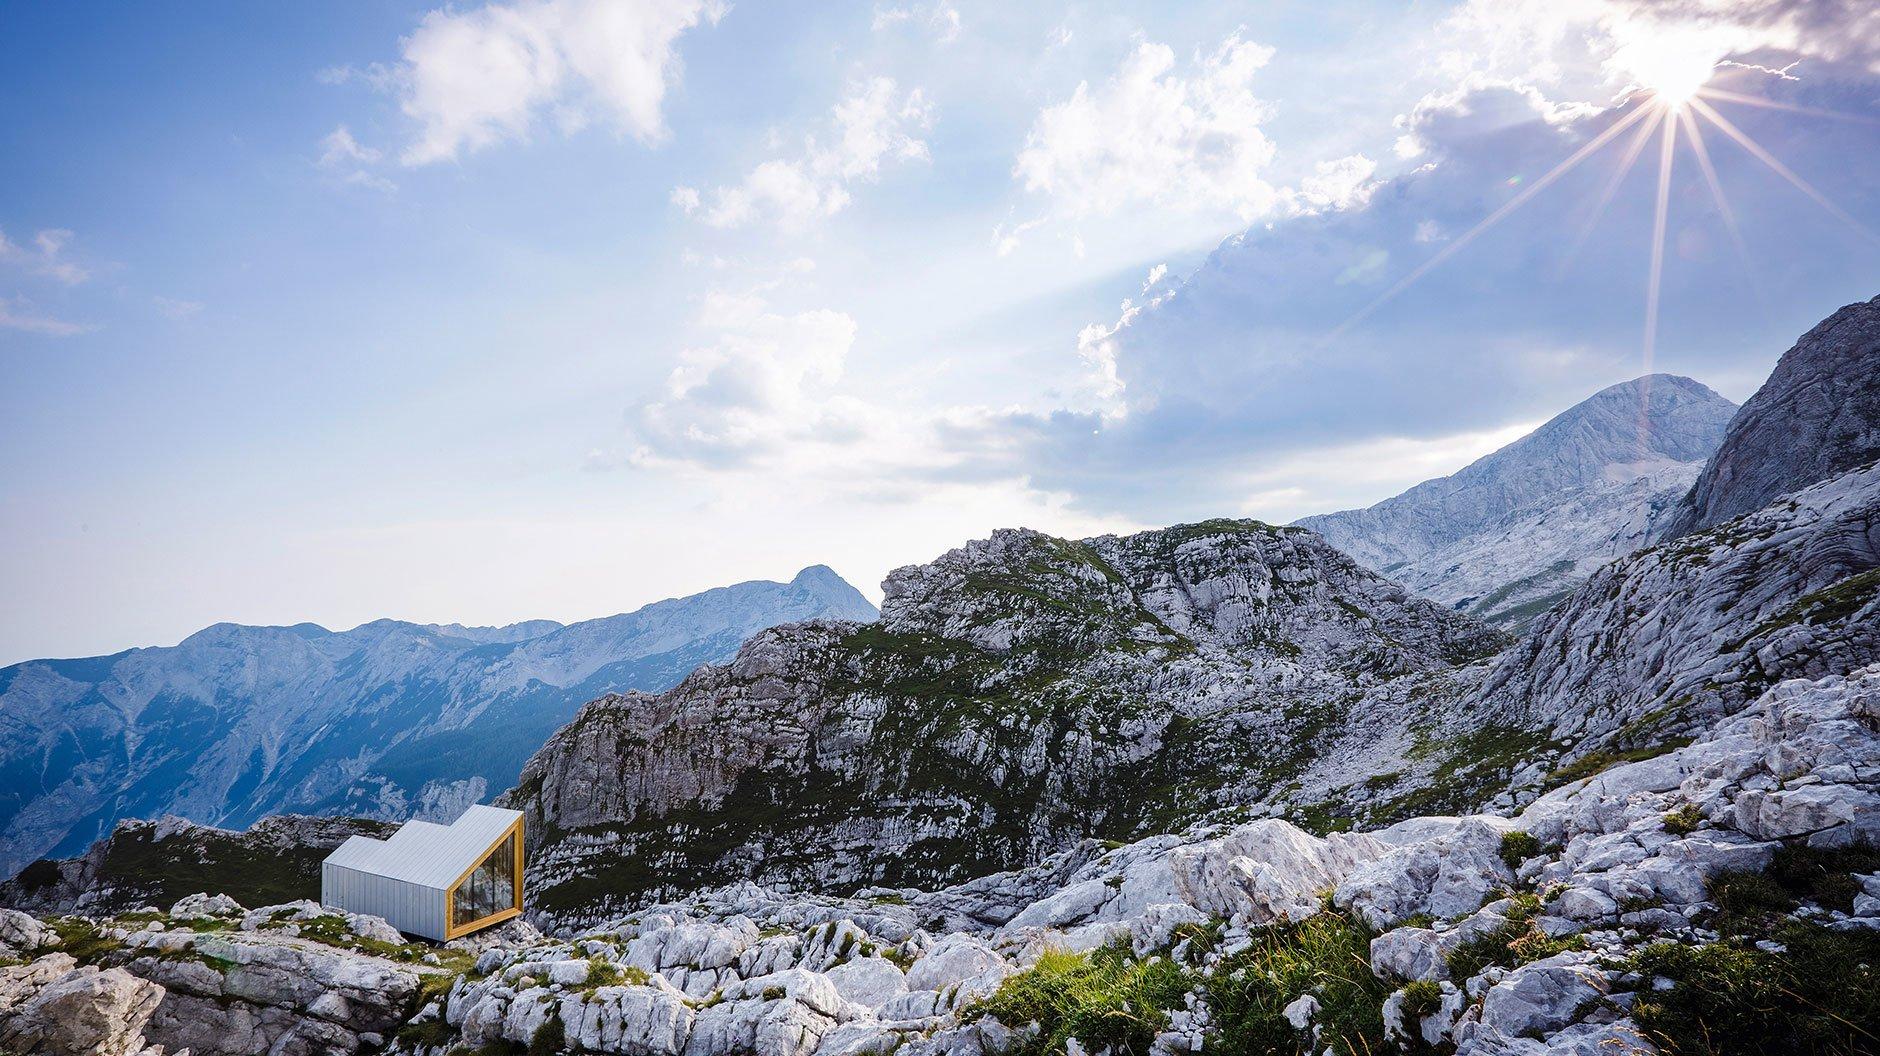 Alpine Shelter, Skuta, Slowenien, 2016, Entwurf: OFIS arhitekti und AKT II in Zusammenarbeit mit Studierenden der Harvard University Graduate School of Design, Foto: ©Anze Cokl